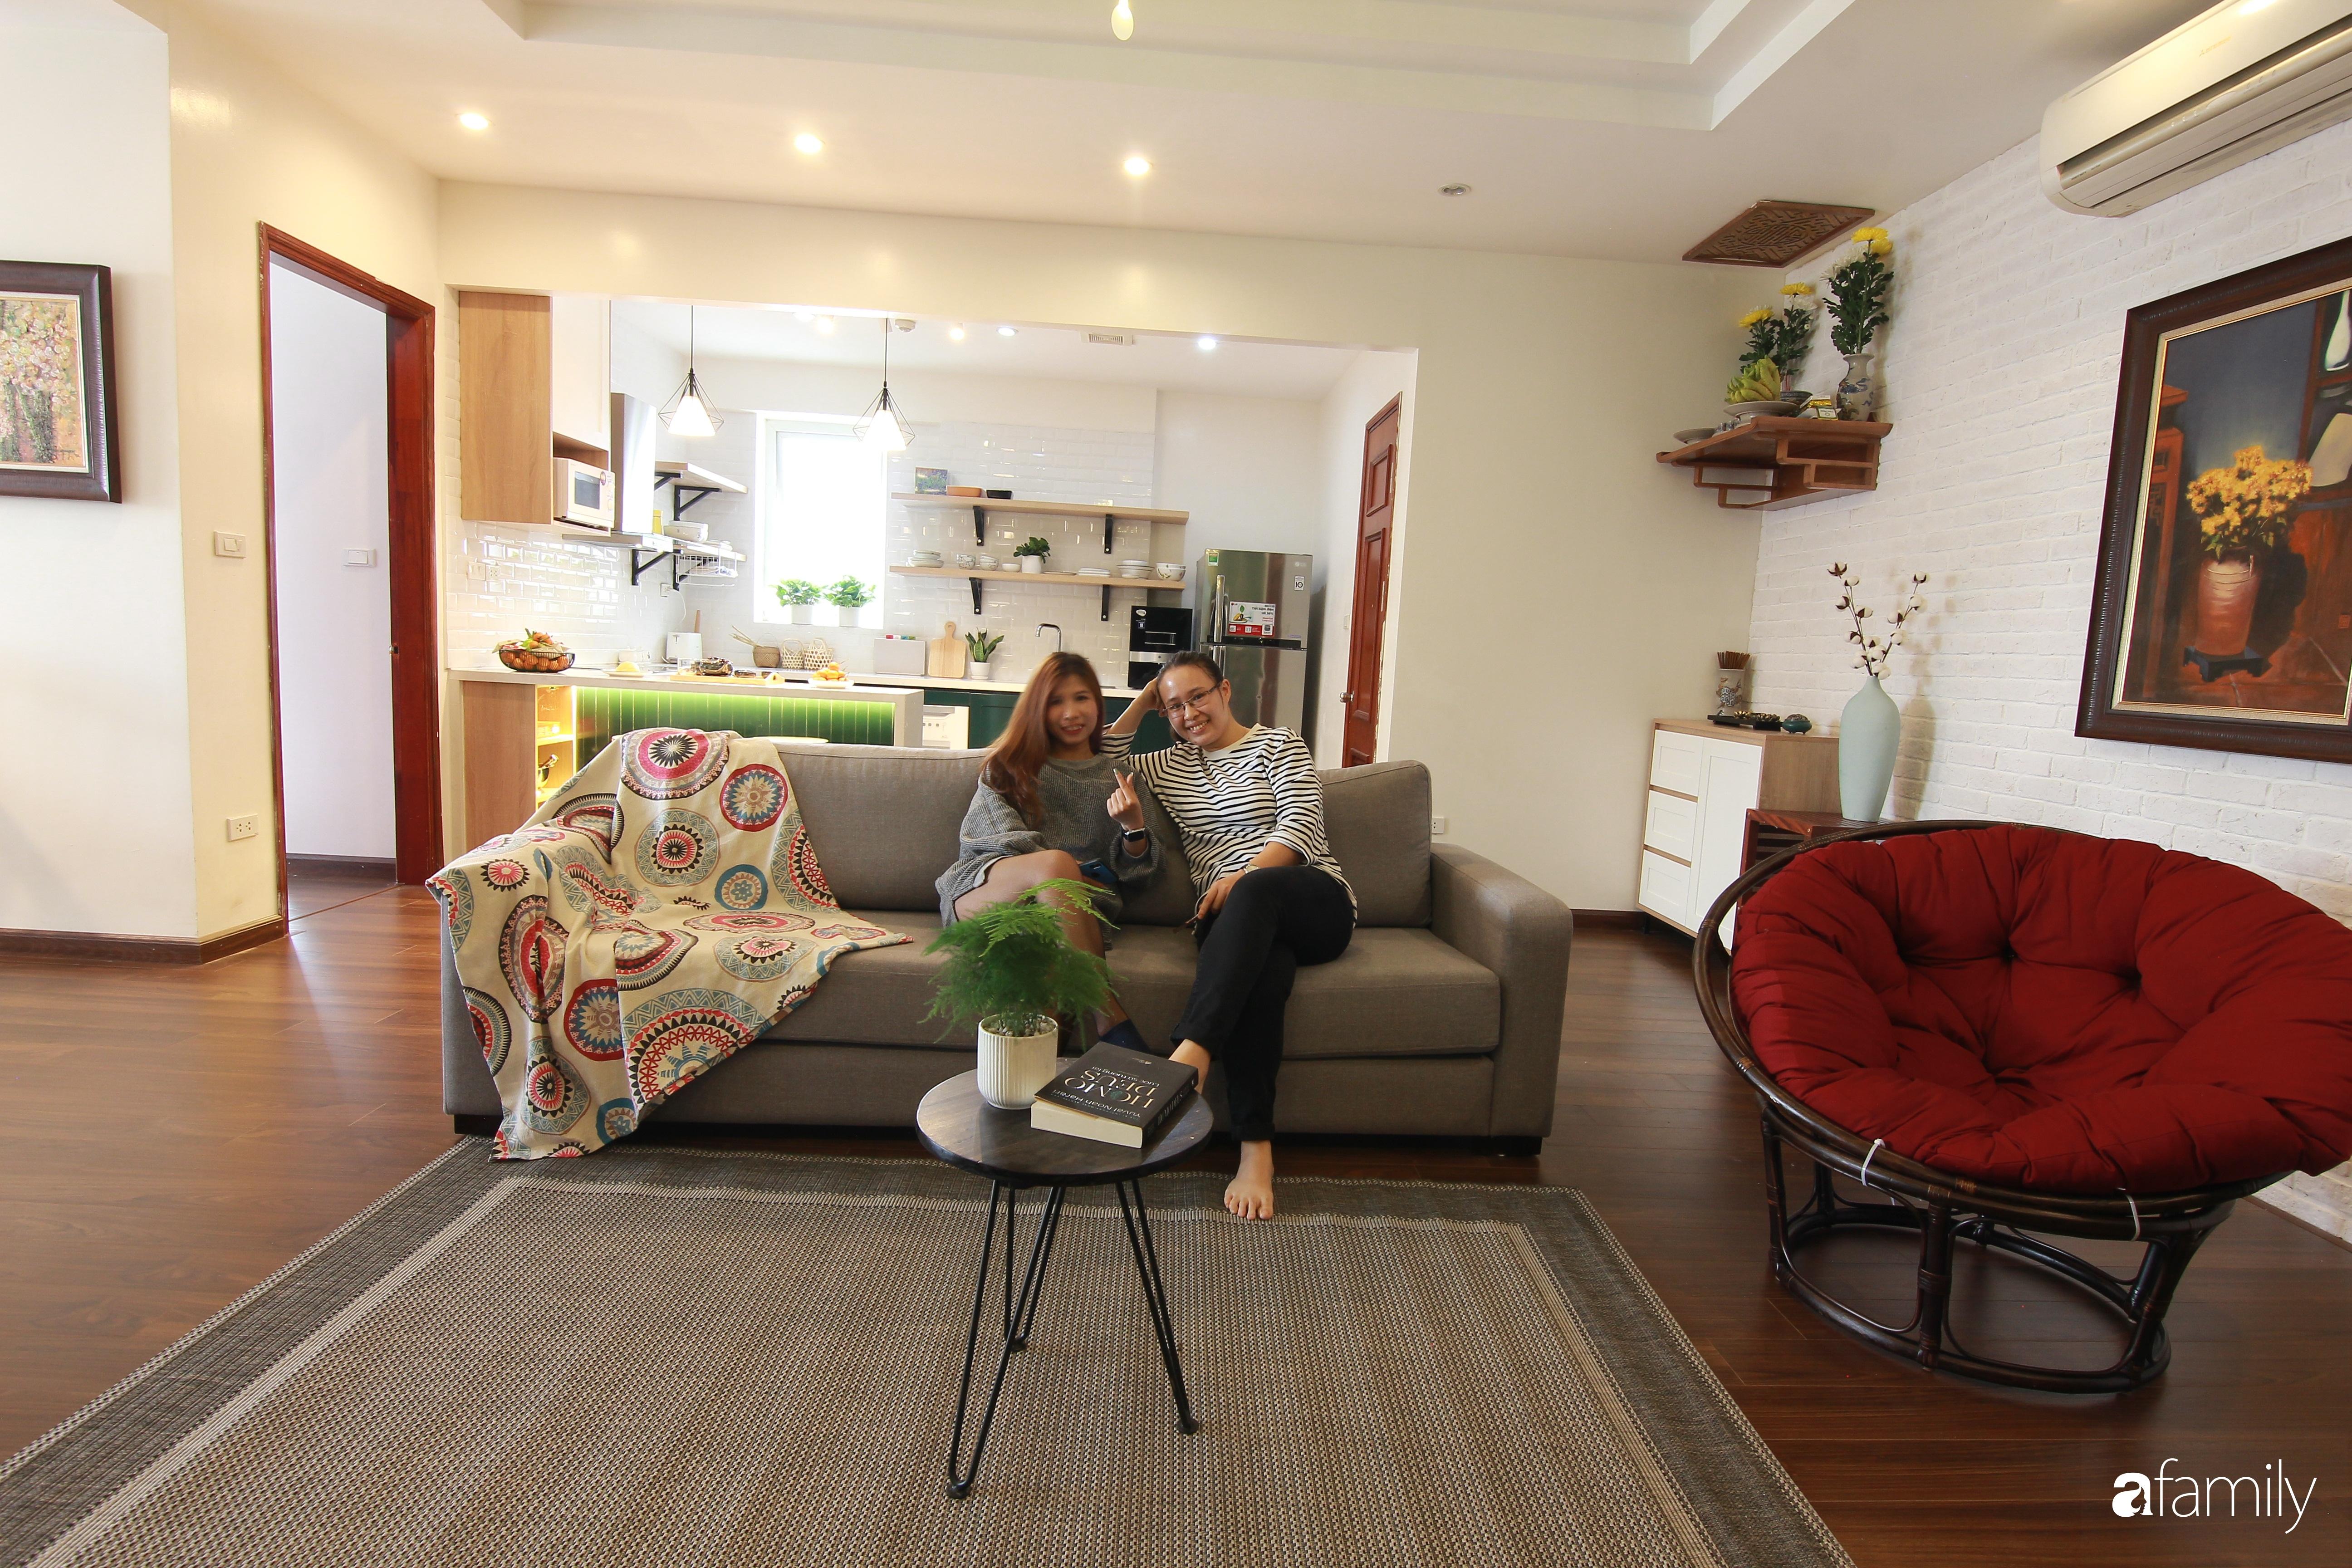 Căn hộ 150m² tối ưu không gian nhờ decor màu trung tính và phong cách hiện đại ở Cầu Giấy, Hà Nội - Ảnh 4.